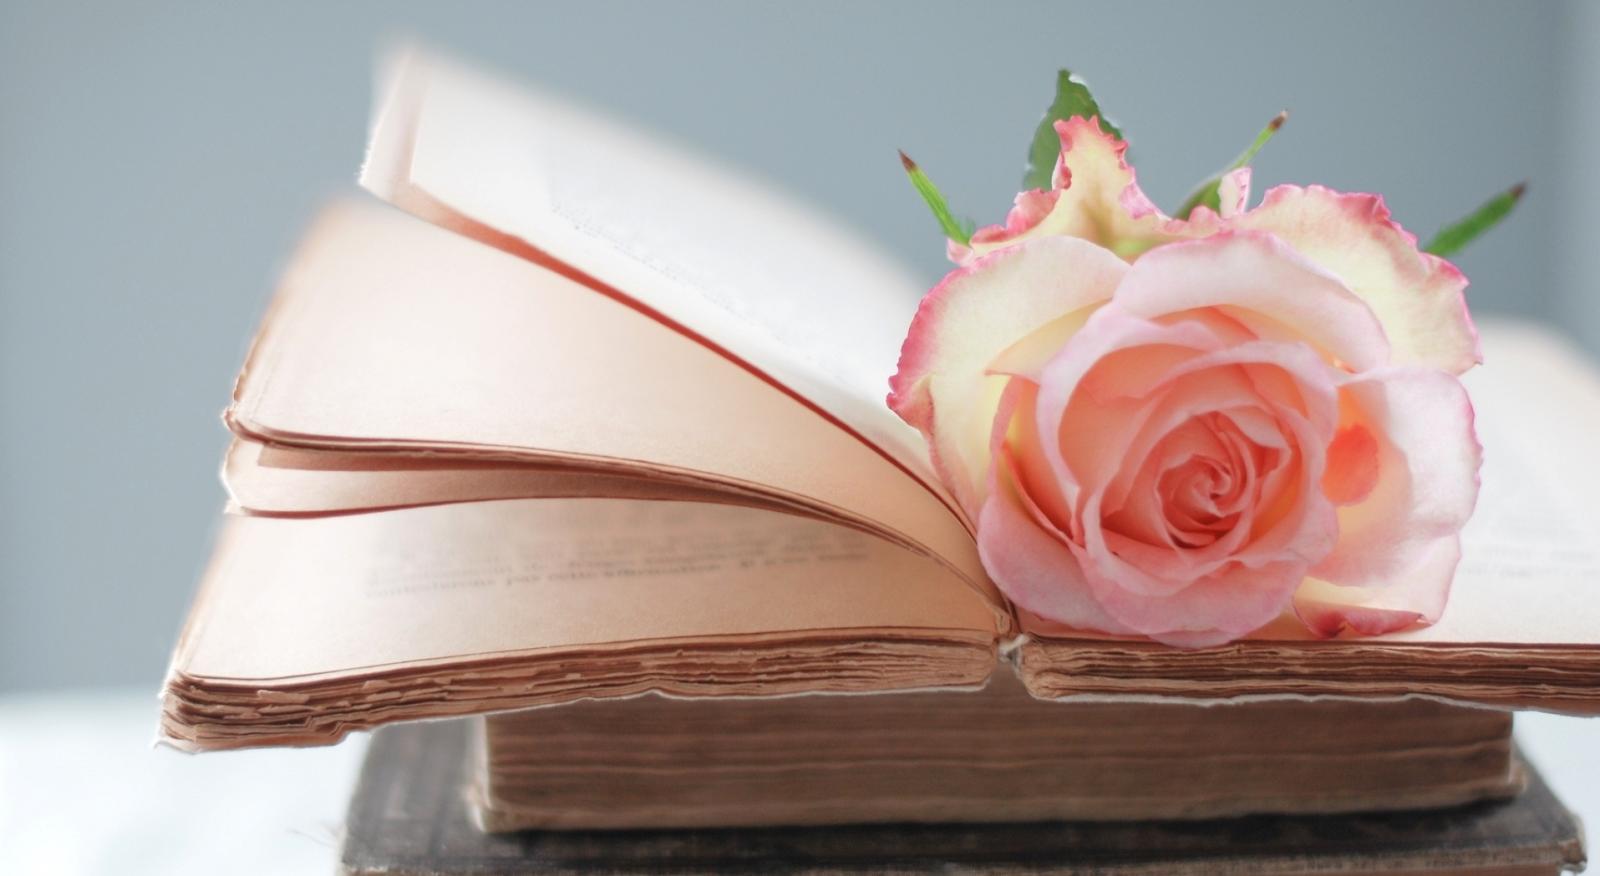 Rose Book Wallpaper HD Wallpaper Pic